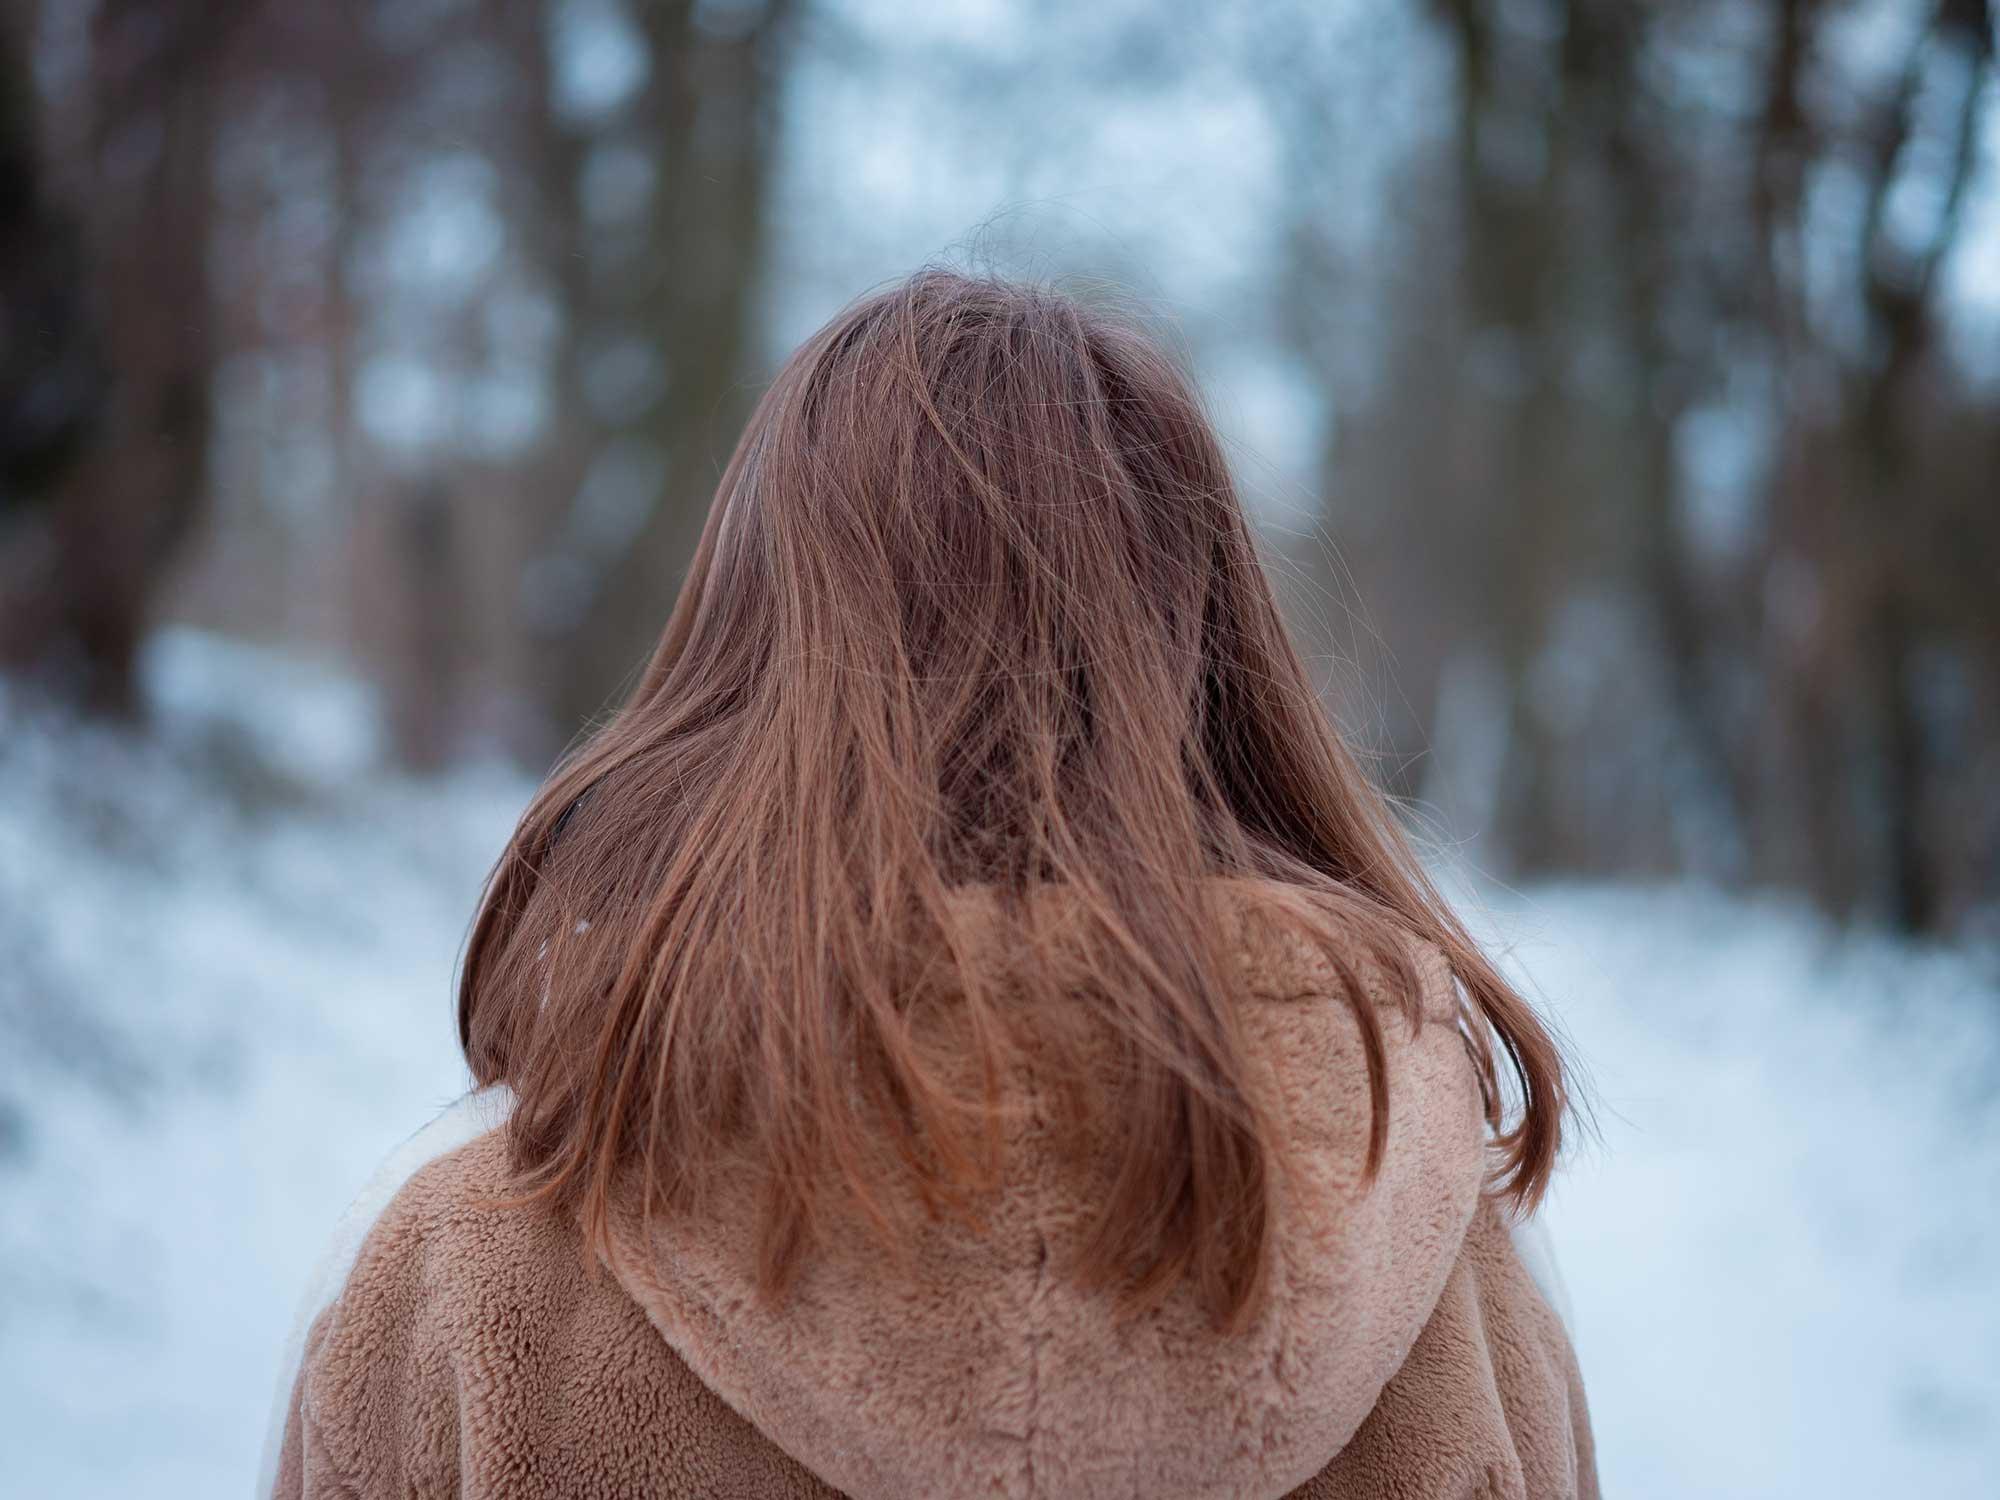 Woman wearing a fleece coat